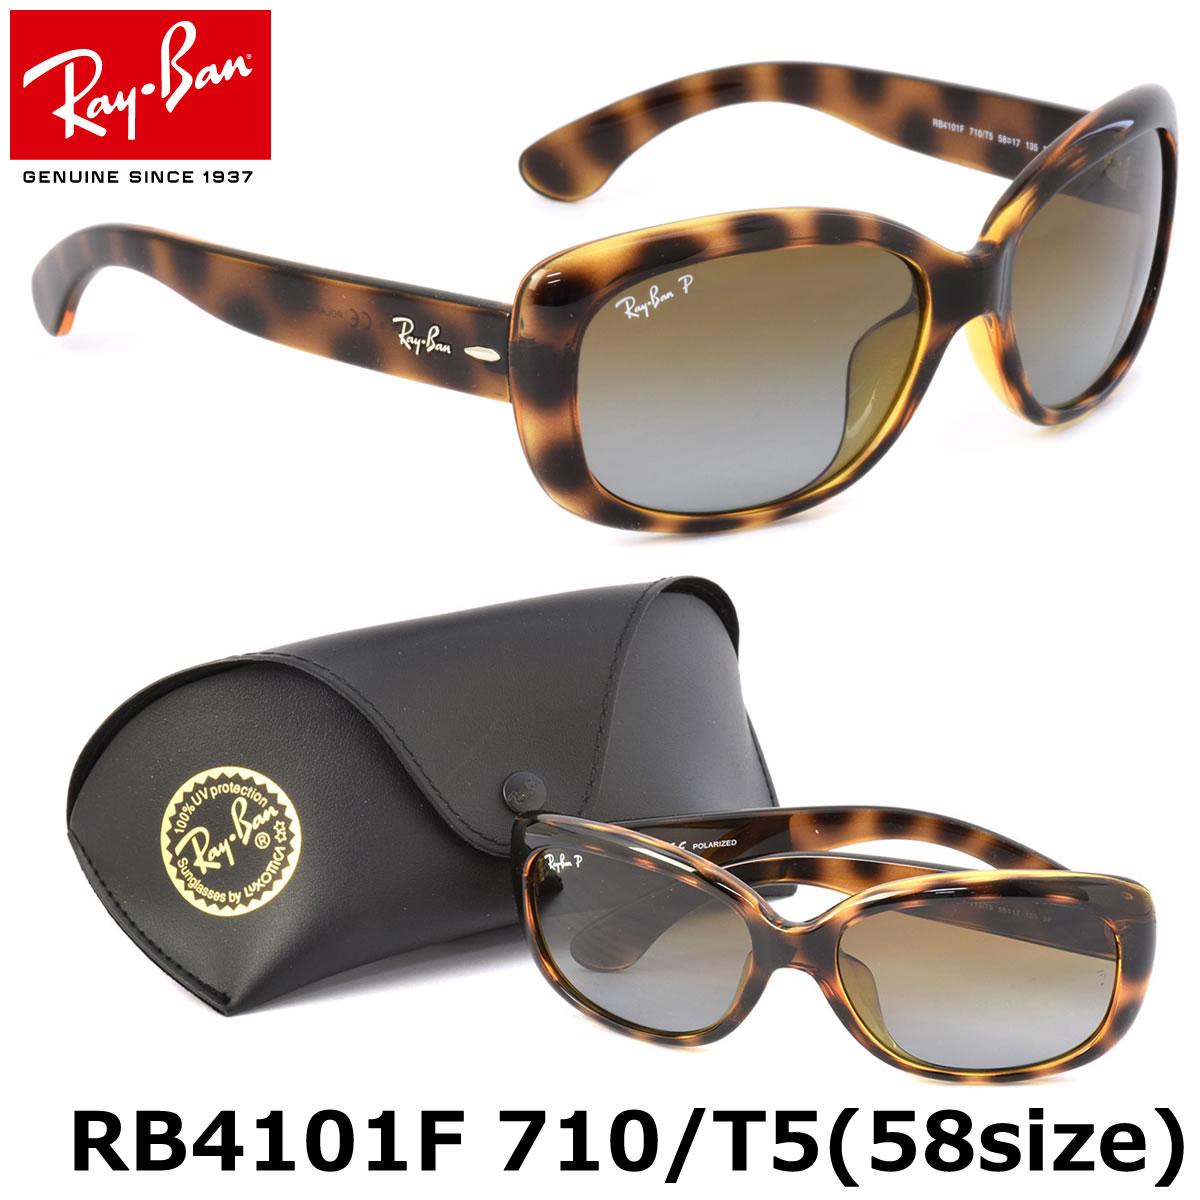 【10月30日からエントリーで全品ポイント20倍】レイバン サングラス ジャッキーオーRay-Ban RB4101F 710/T5 58サイズレイバン RAYBAN JACKIE OHHフルフィット 偏光 メンズ レディース